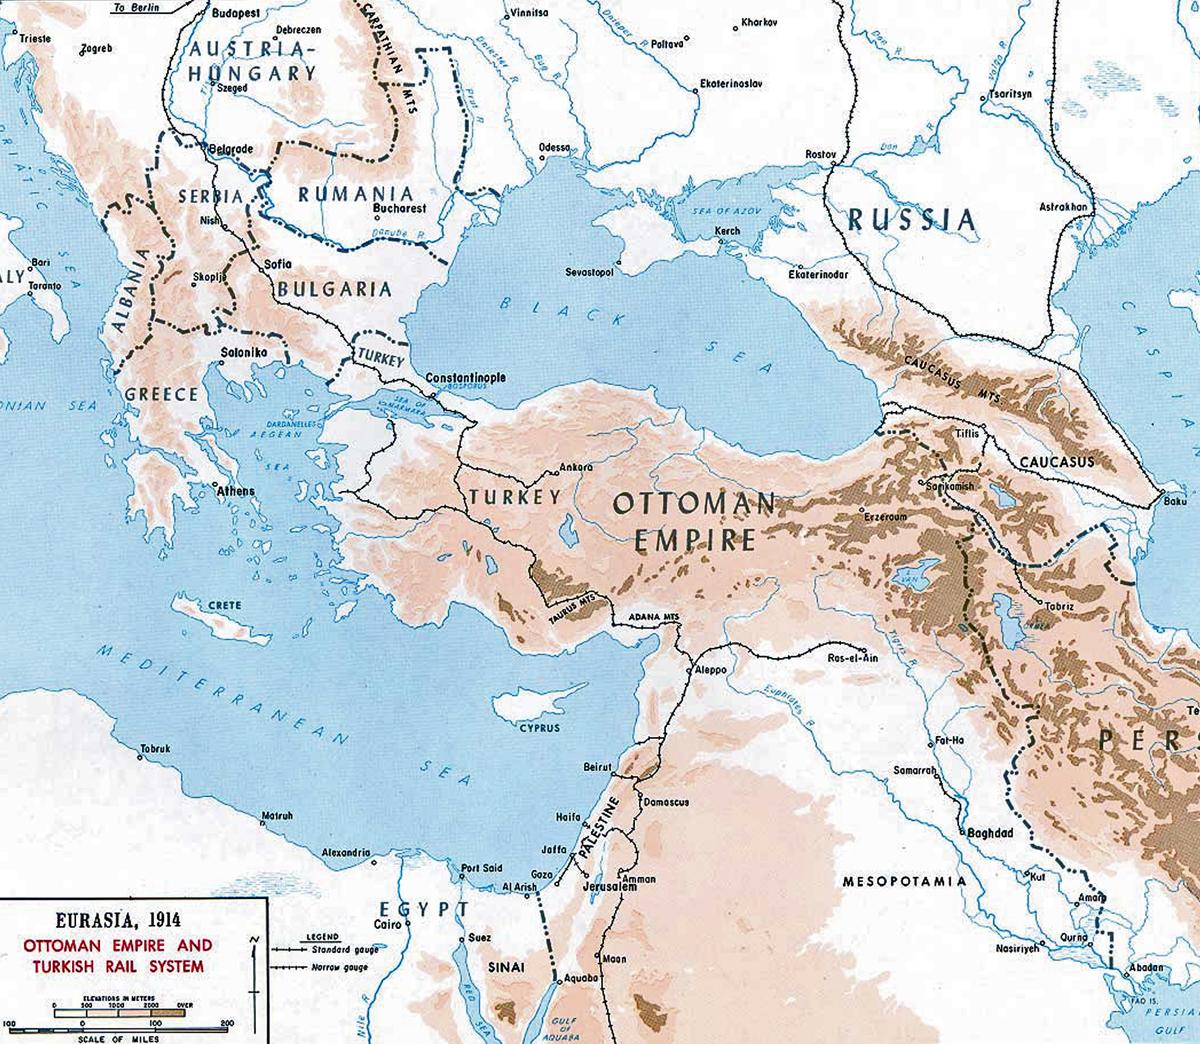 Sistema ferroviario del Imperio Otomano 1914